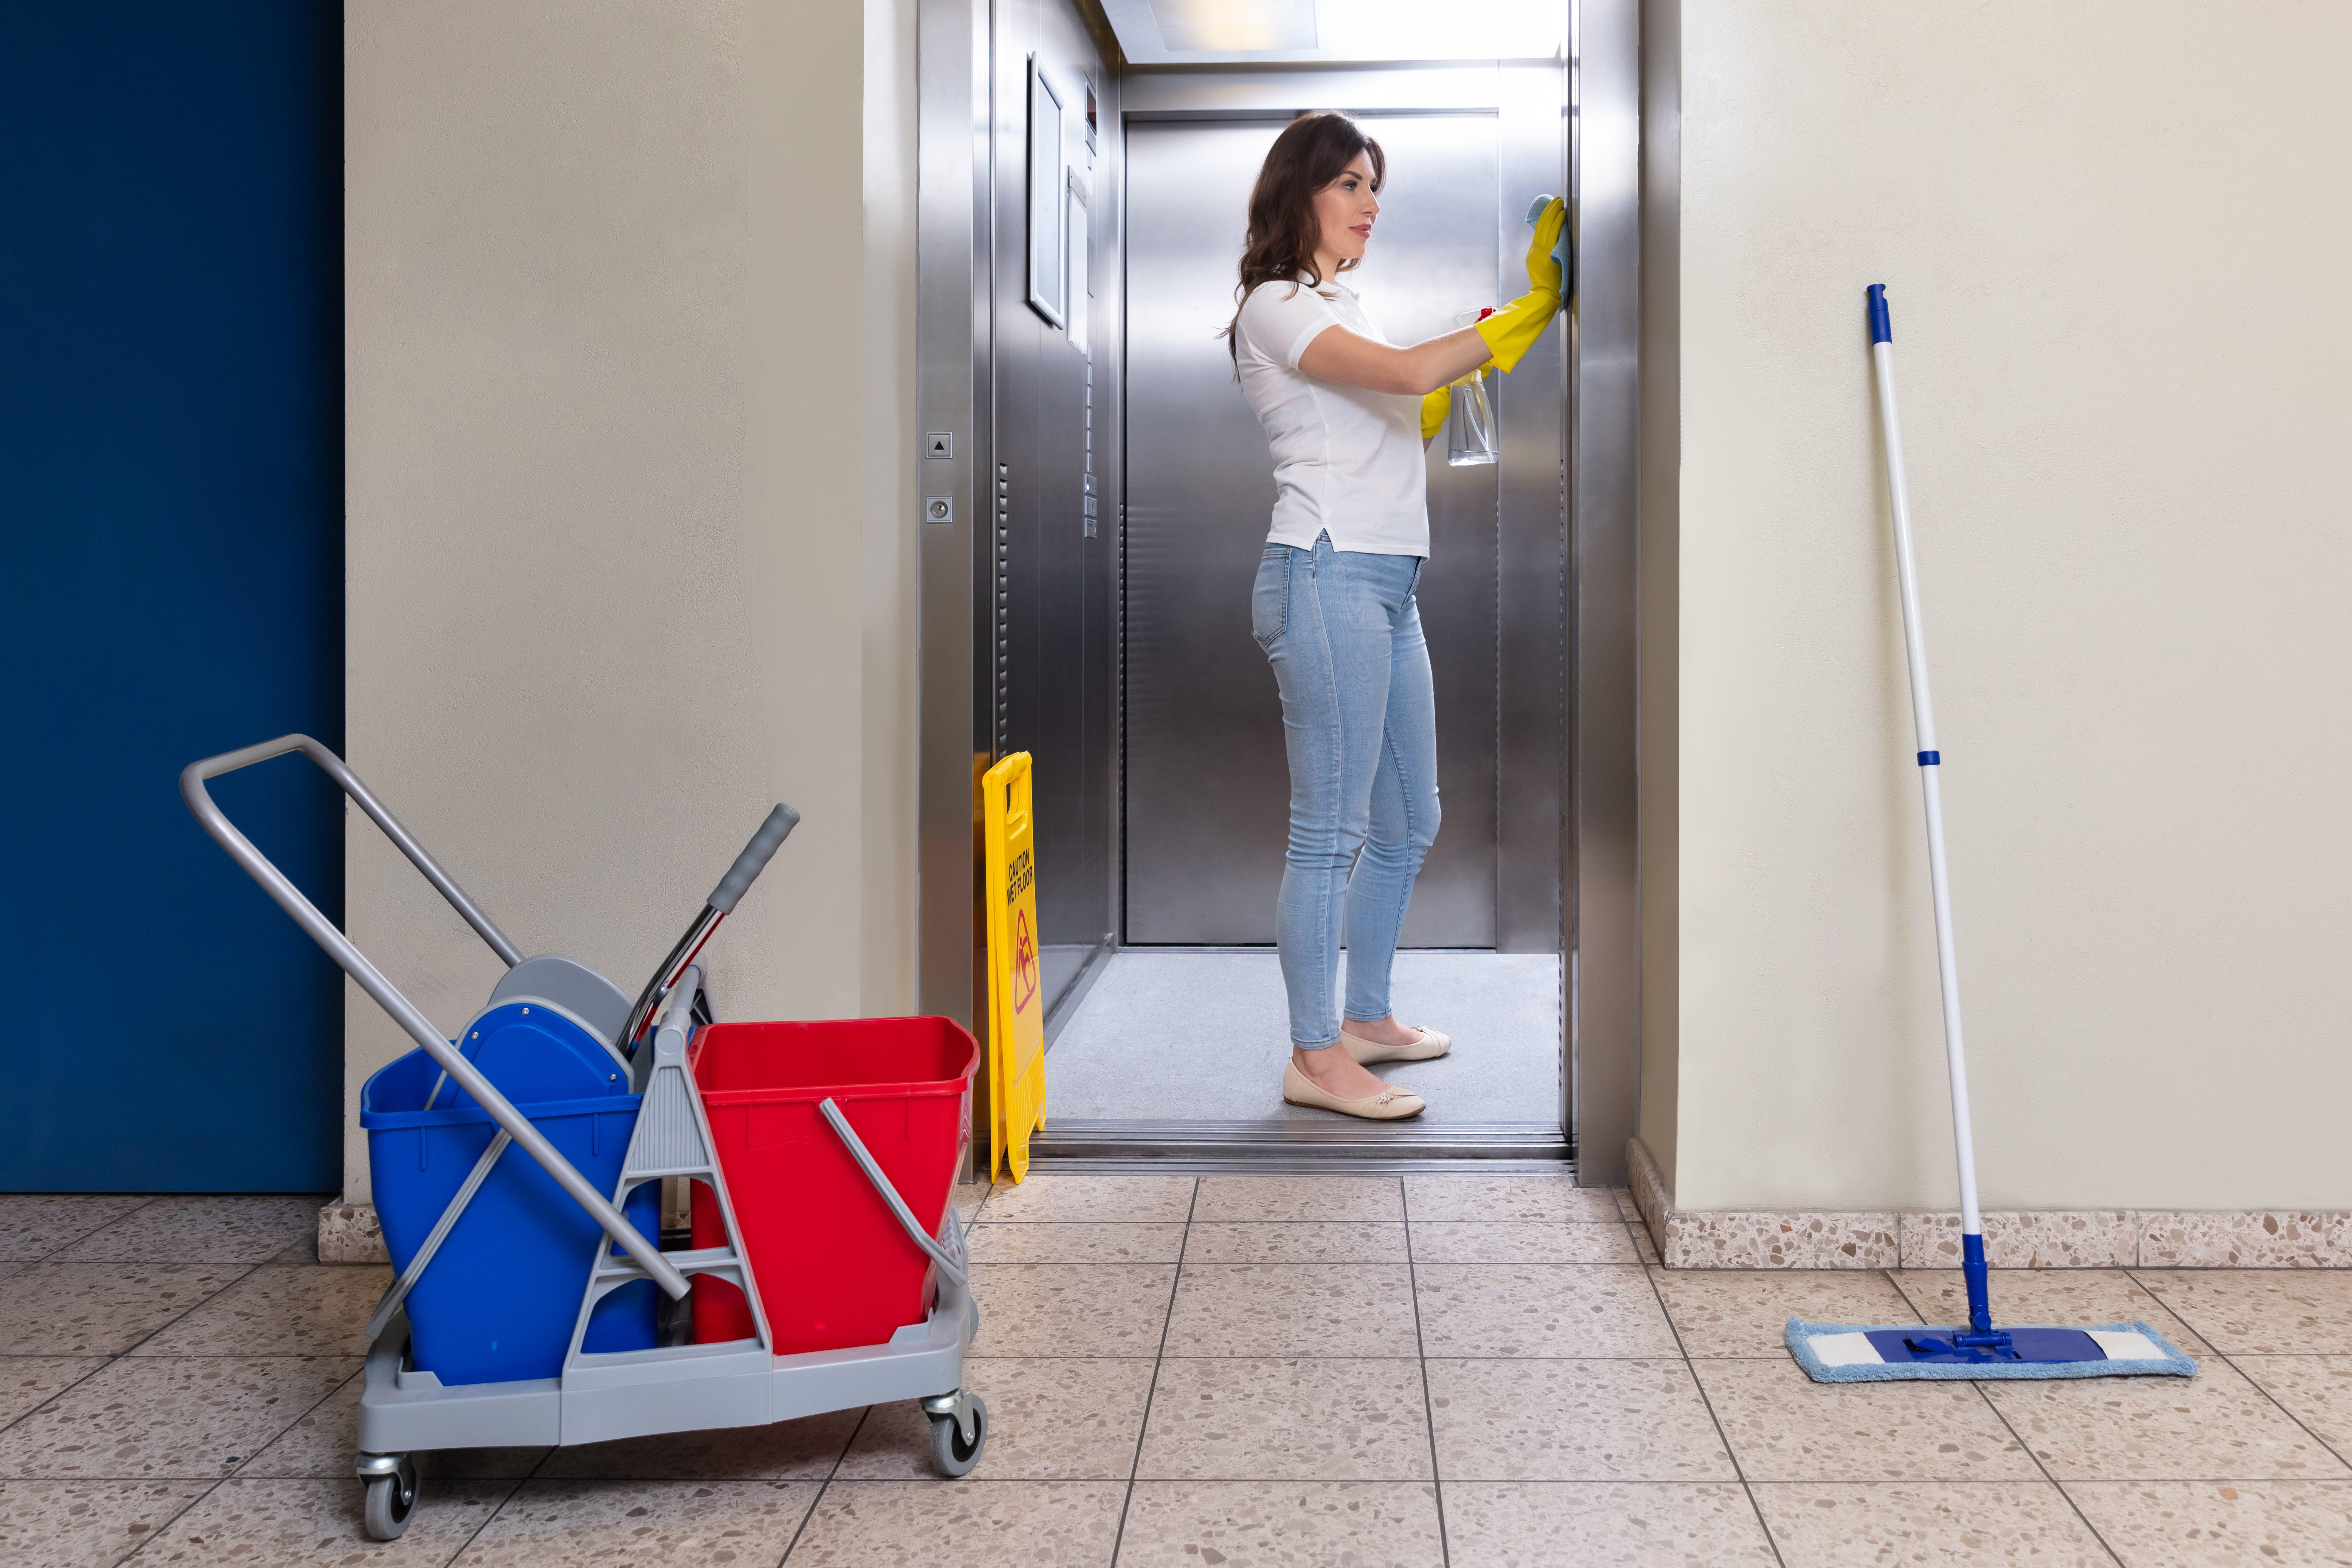 Reinigung eines Aufzuges